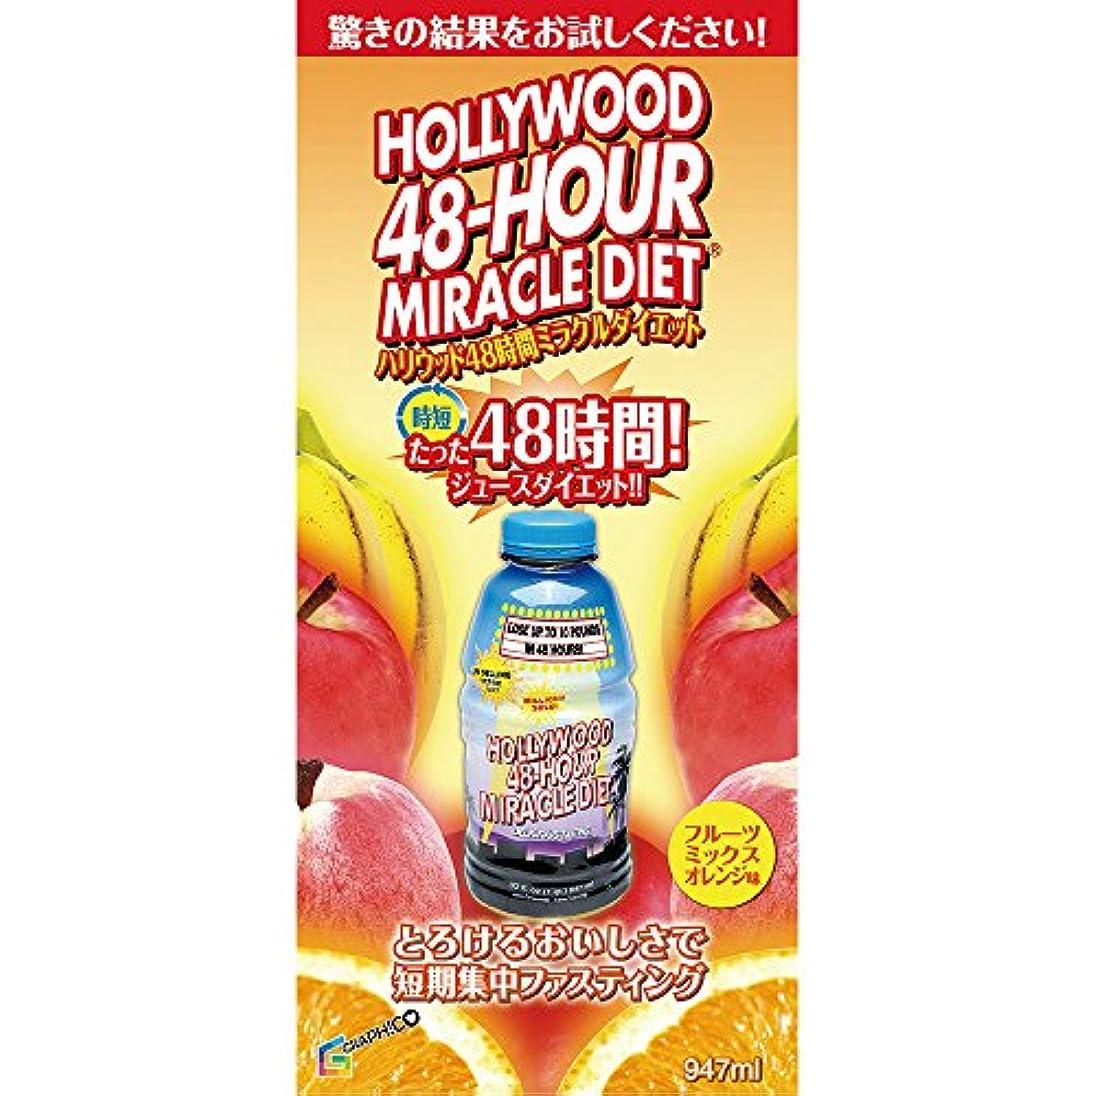 小数香ばしい従事するハリウッド48時間 ミラクルダイエット (フルーツミックスオレンジ味) 947ml